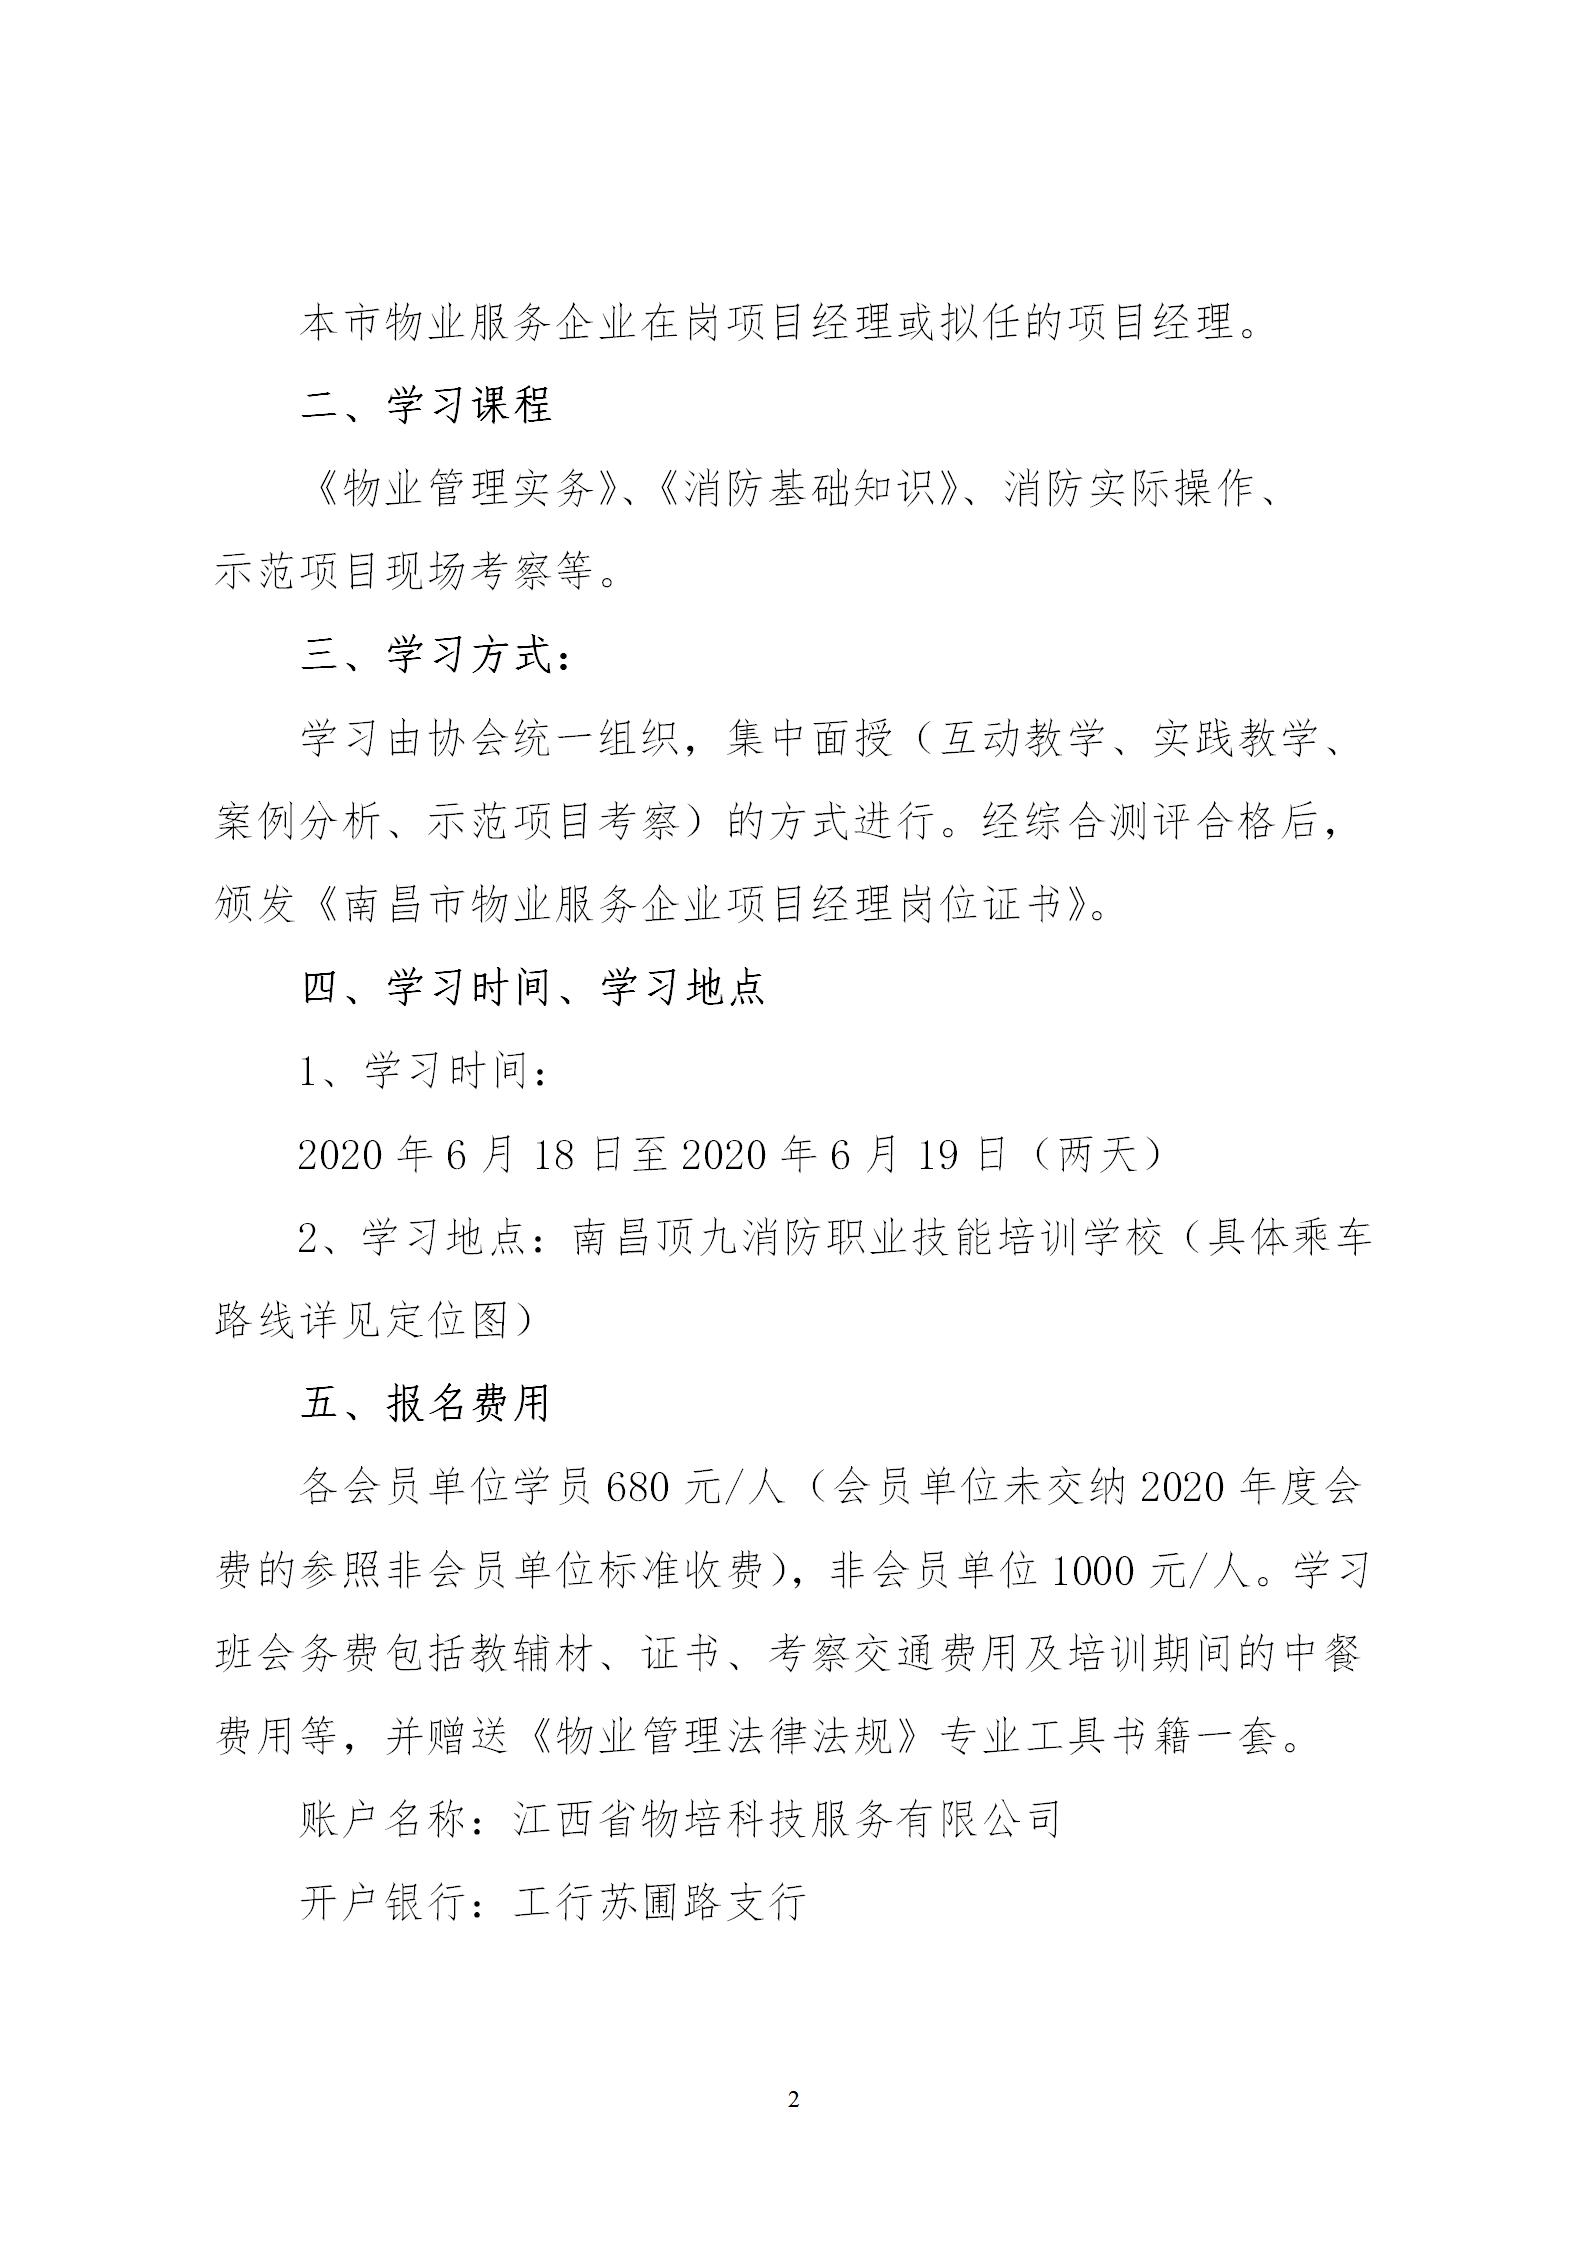 洪物协字[2020]10号 关于举办南昌市物业服务项目经理学习班的通知_02.png